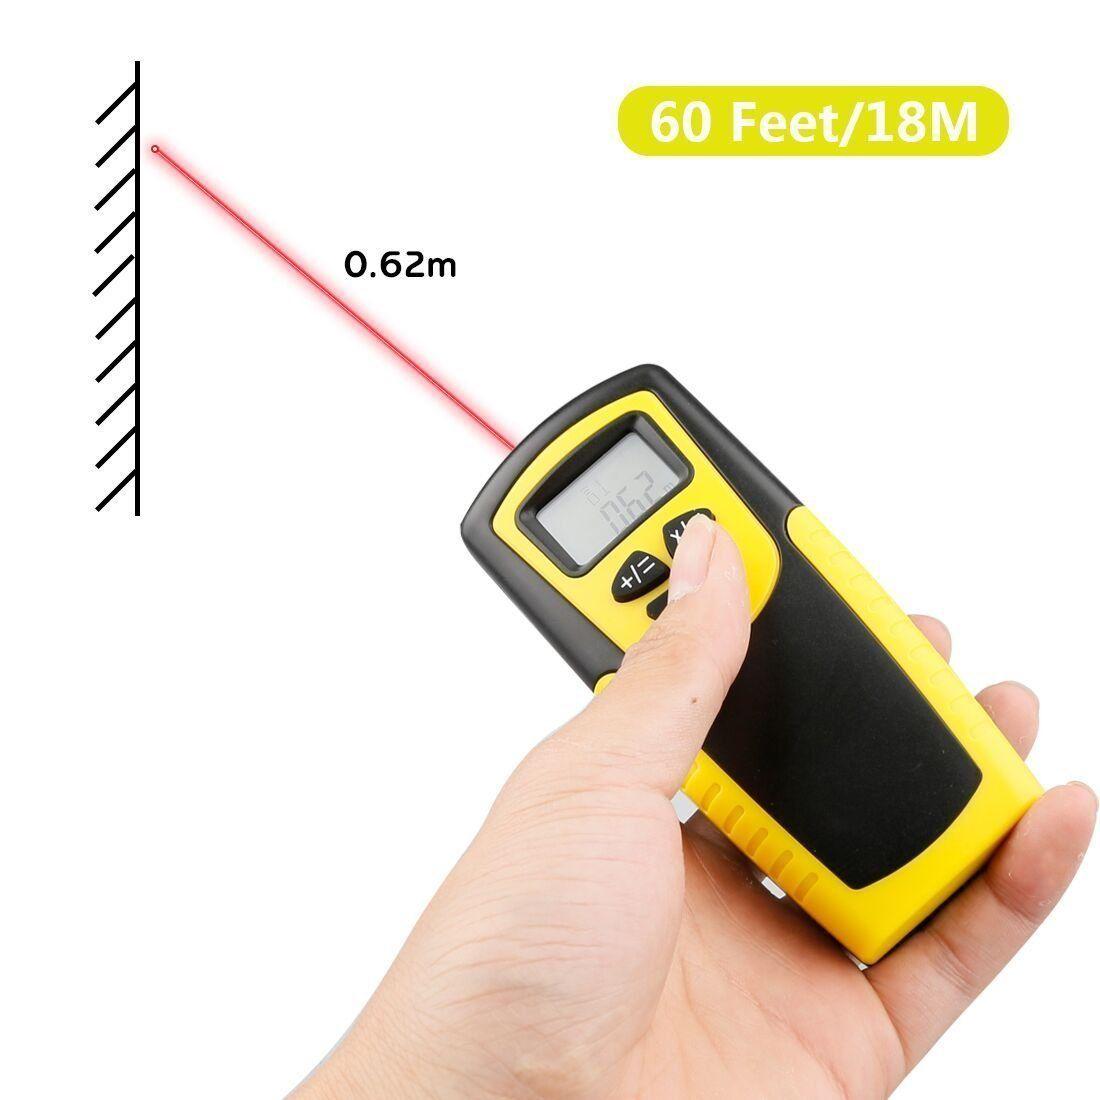 LCD de mano Medidor de distancia ultras/ónico Medici/ón Cinta m/étrica electr/ónica Medidor de distancia ultras/ónico con gran pantalla LCD con retroiluminaci/ón LED.